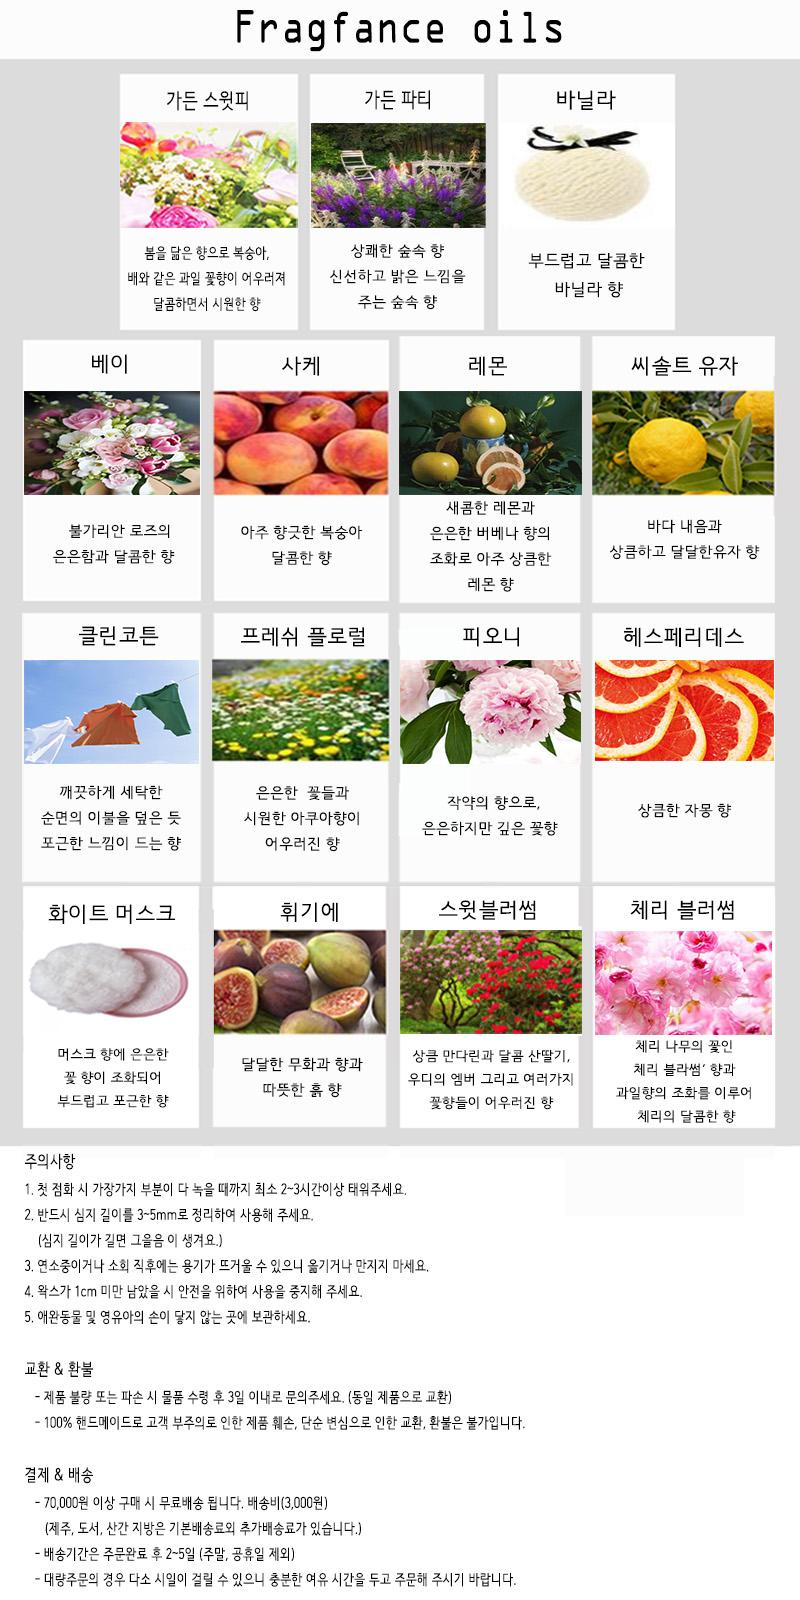 산딸기 케이크 캔들 - 커밍캔들, 17,000원, 캔들, 필라캔들